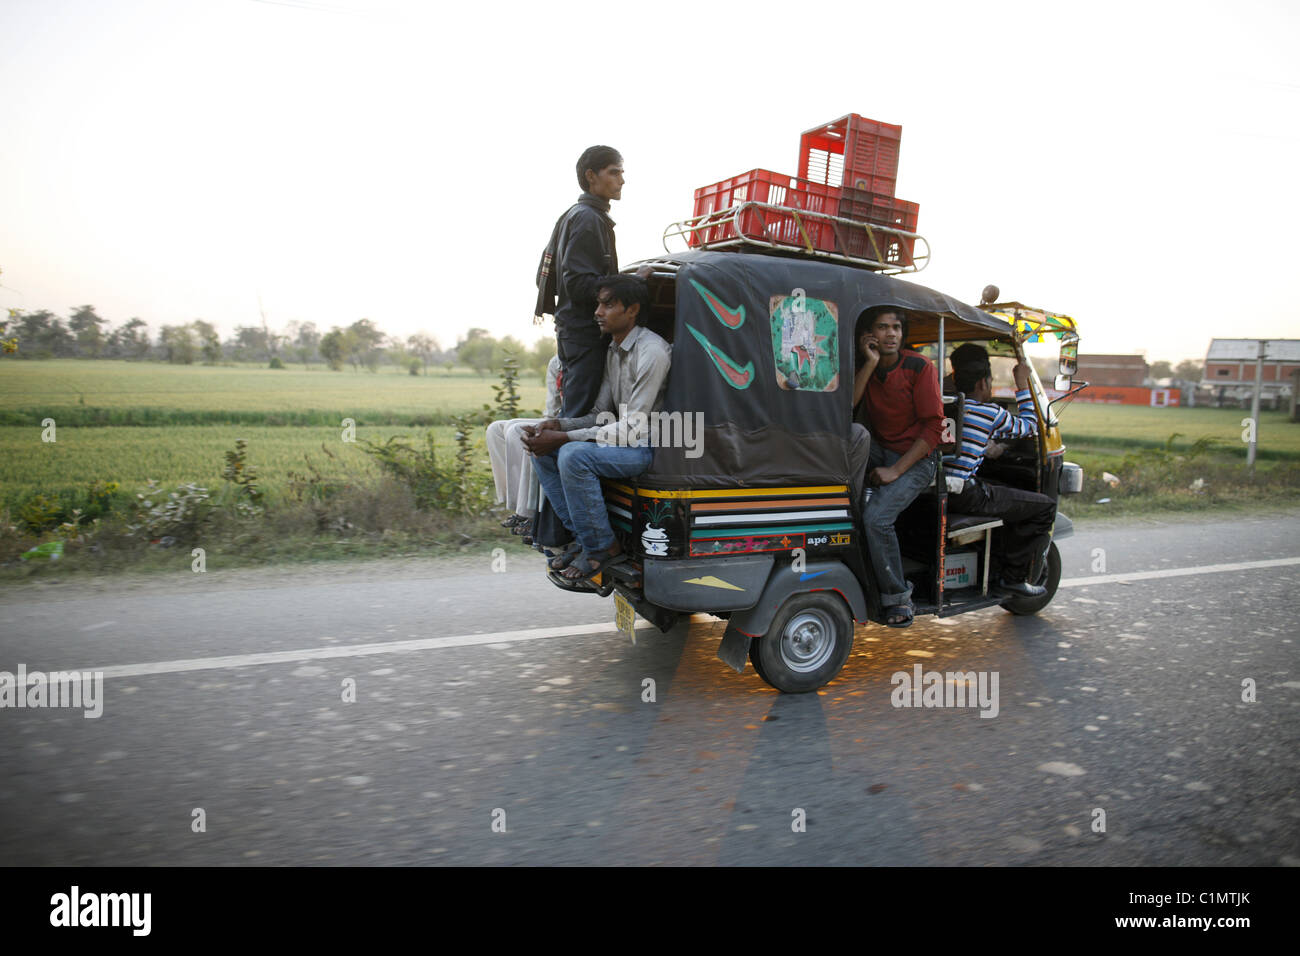 IND, India,20110310, TUKTUK - Stock Image